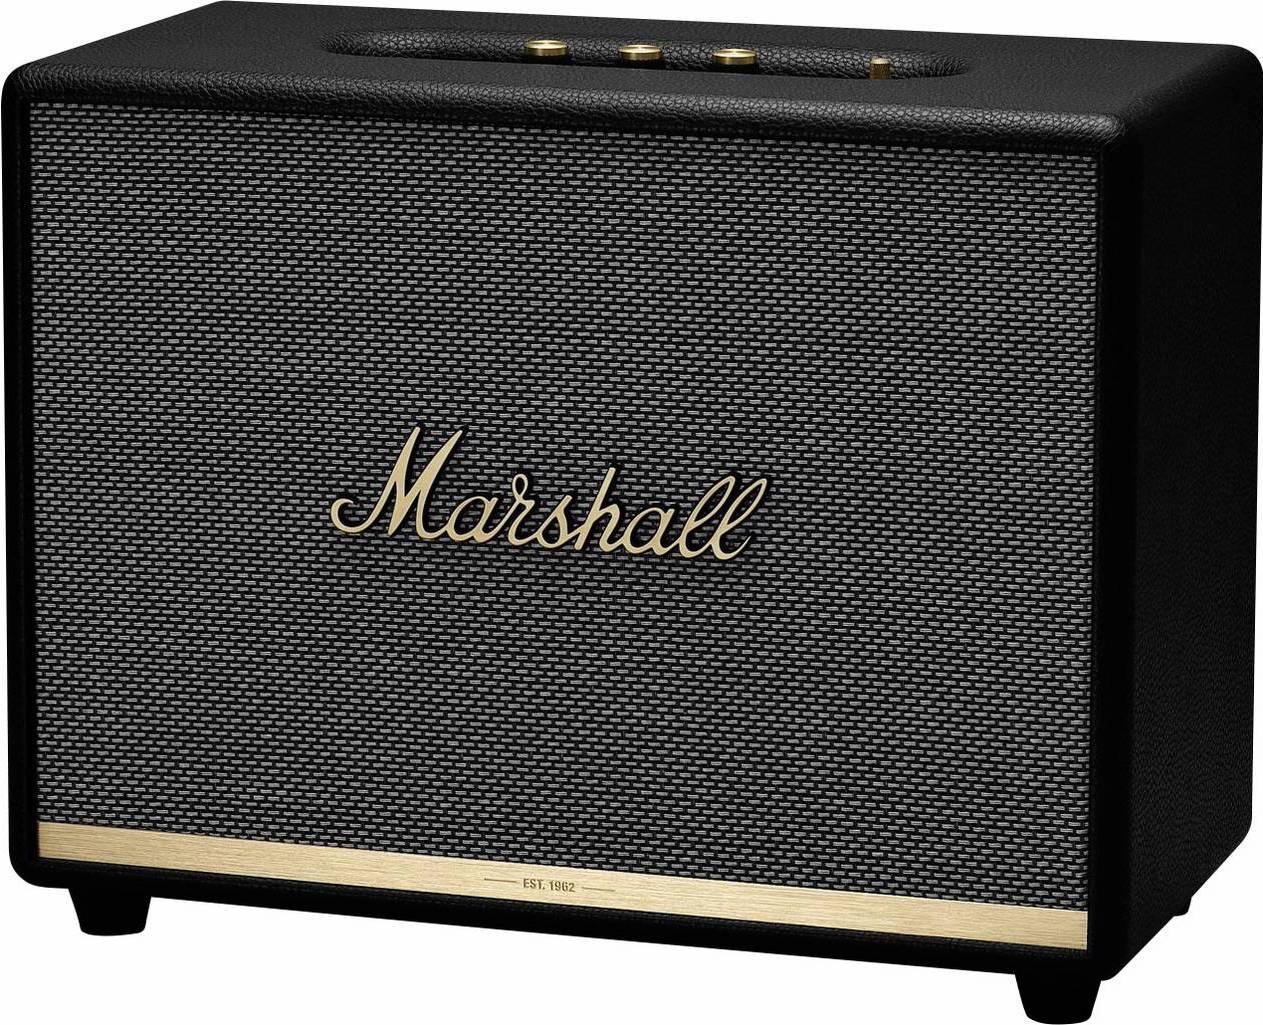 Marshall Woburn II Bluetooth Lautsprecher (110W Ausgansleistung, Bluetooth 5, aptX, Multi-Host, 3,5mm AUX, Cinch, Appsteuerung)